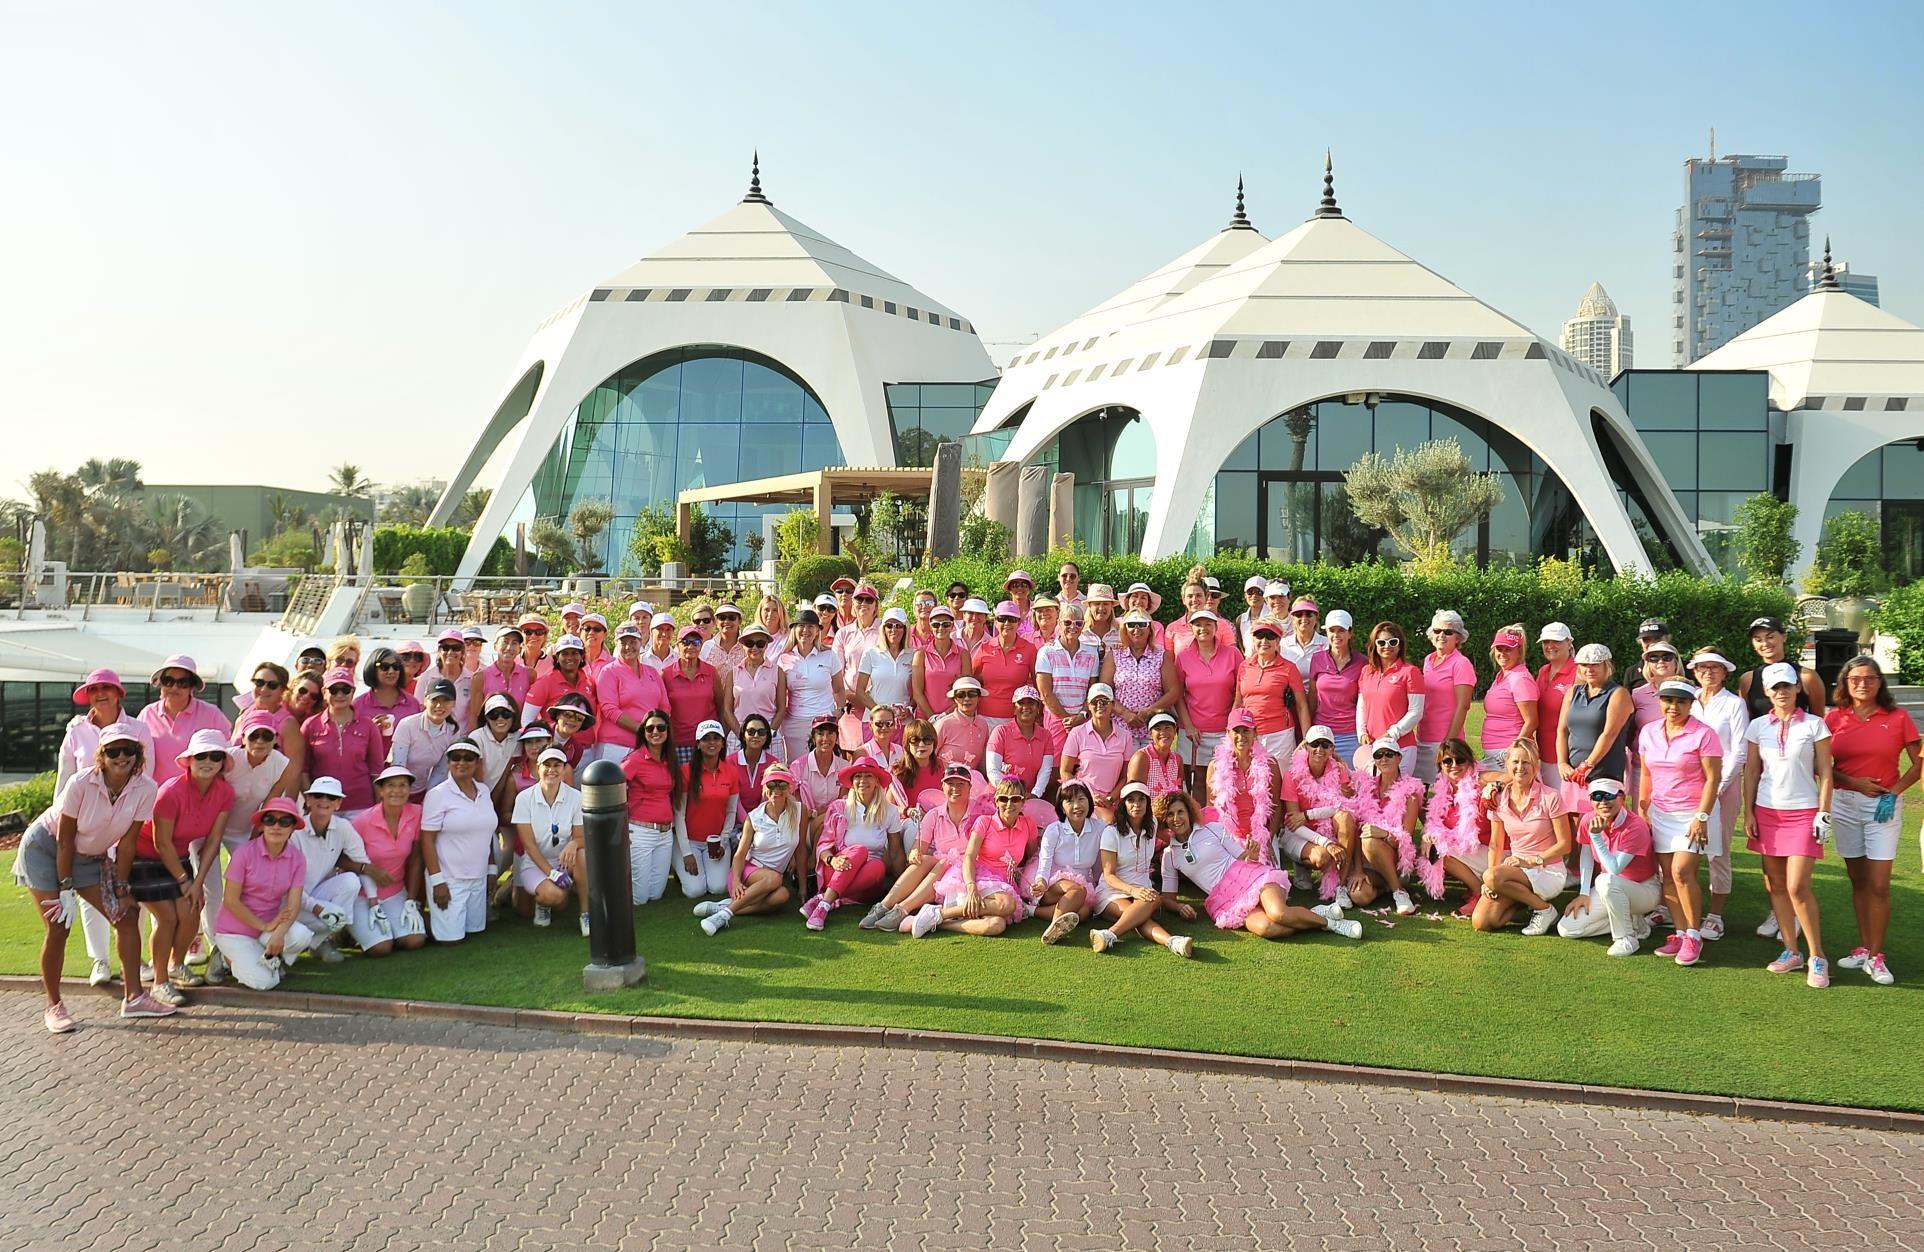 مؤسسة الجليلة تُطلق النسخة الخامسة من حملة #أكتوبر_الوردي ضمن الشهر العالمي للتوعية بسرطان الثدي